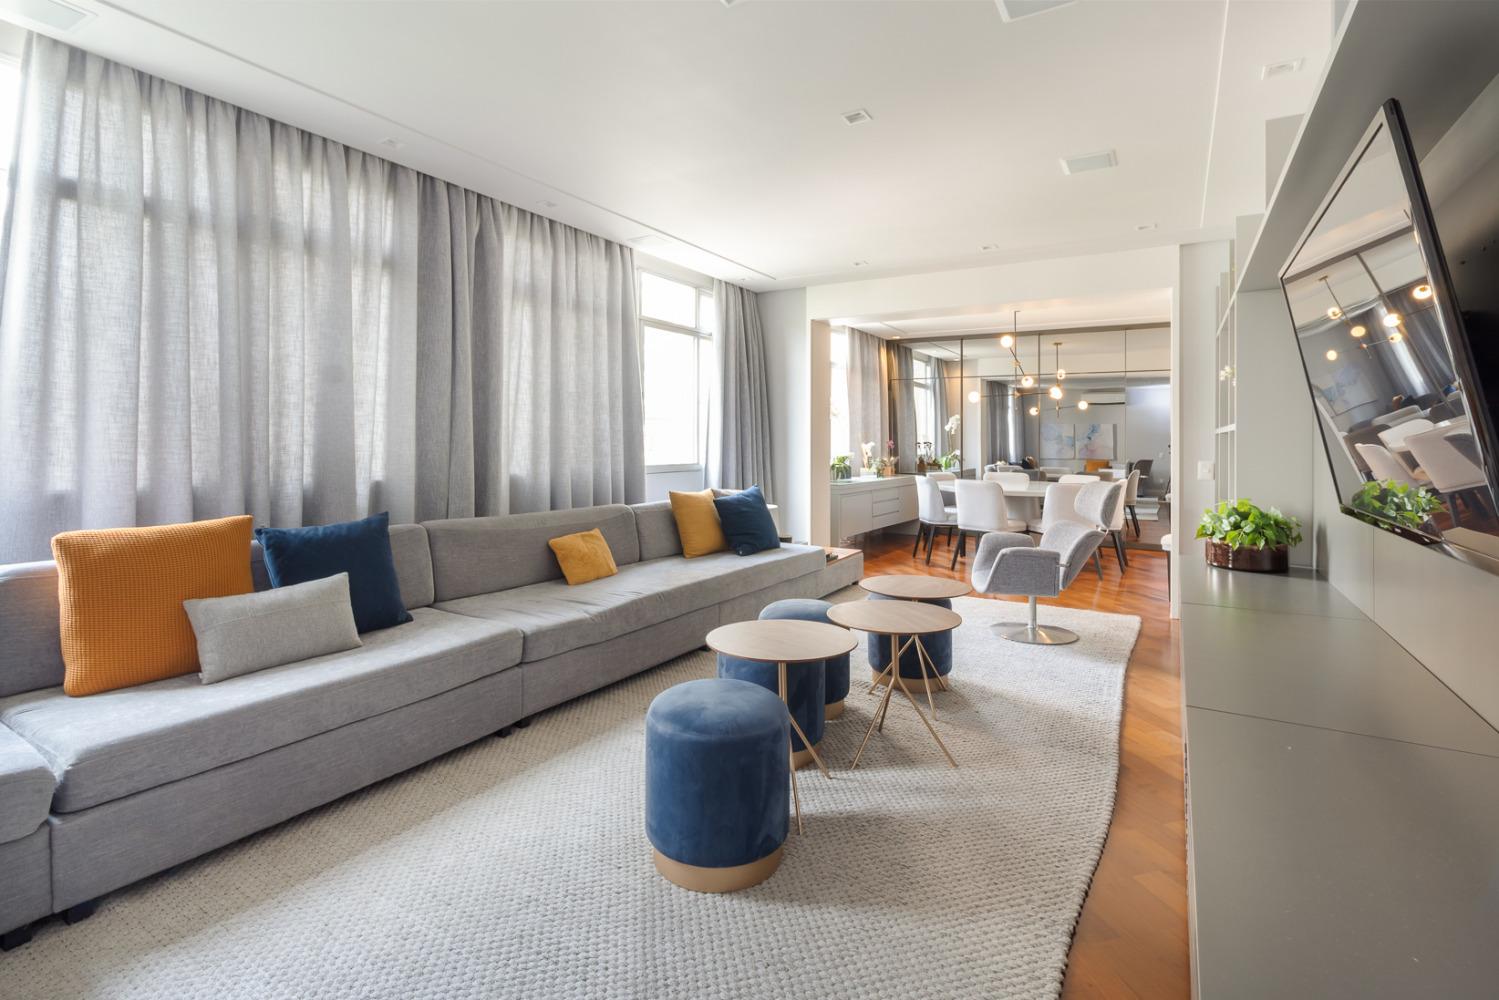 Apartamento maravilhoso com muita luz natural de 212m2, 4 dormitórios sendo 1 suite e 2 vagas no Jardim America!